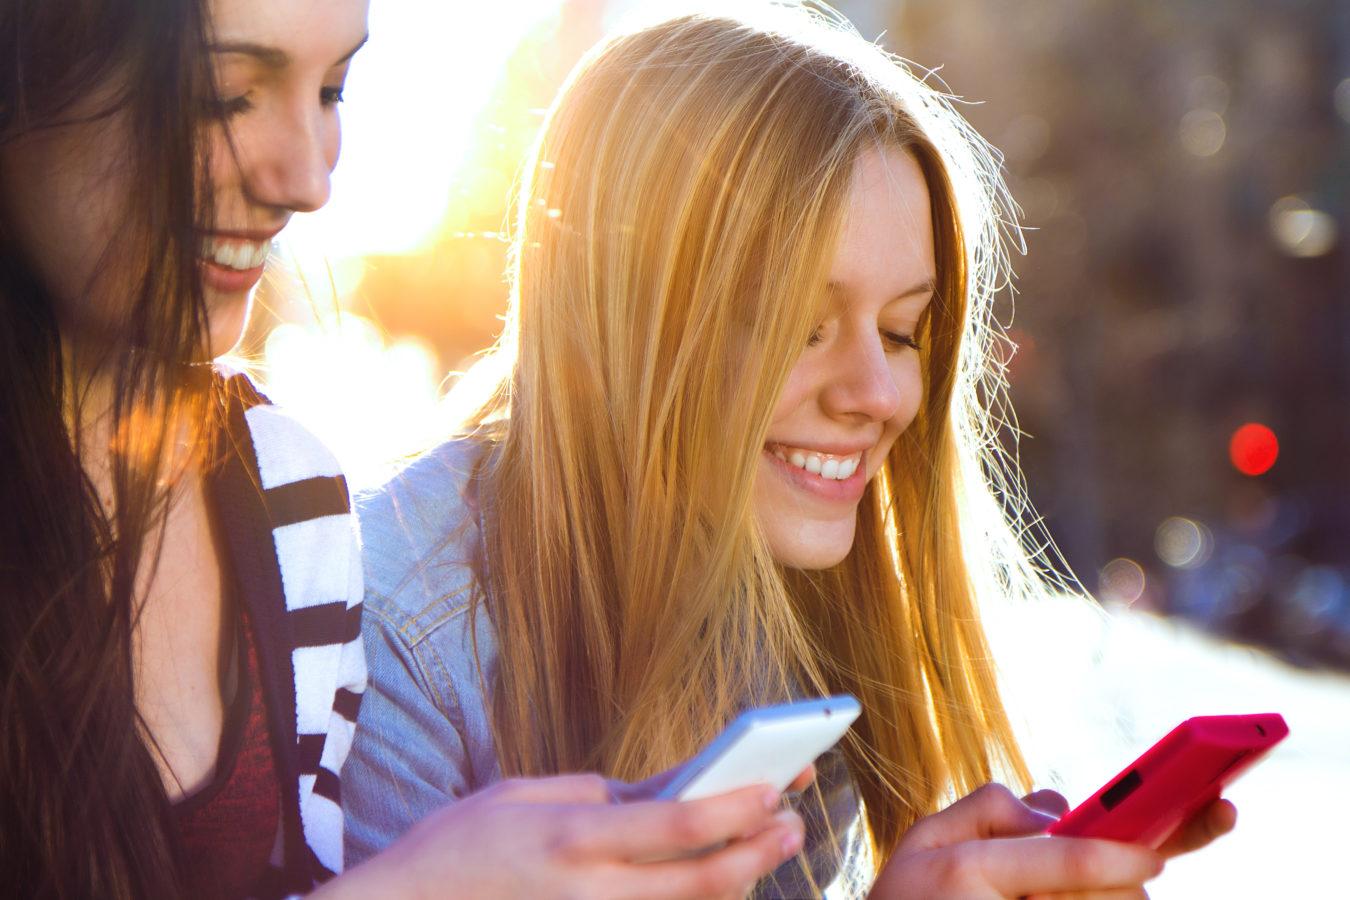 Comment les smartphones sont devenus indispensables dans notre quotidien. Par Valérie Demont